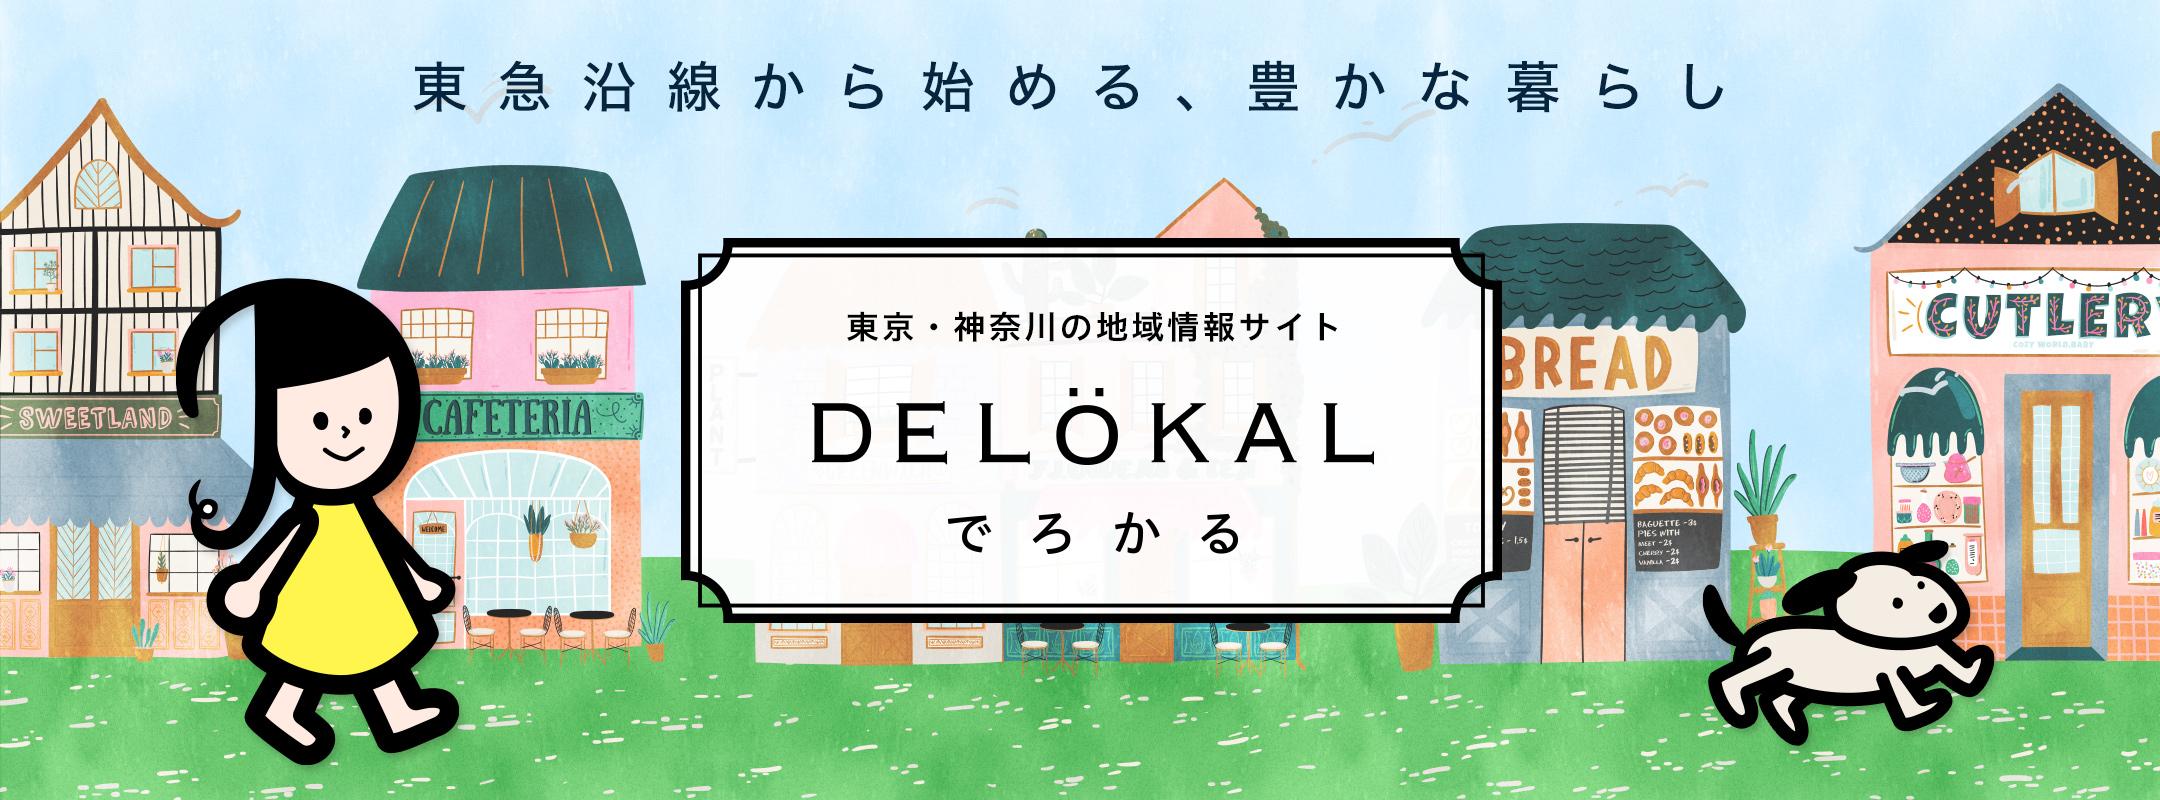 東京・神奈川の地域情報サイトでろかるTOPページ